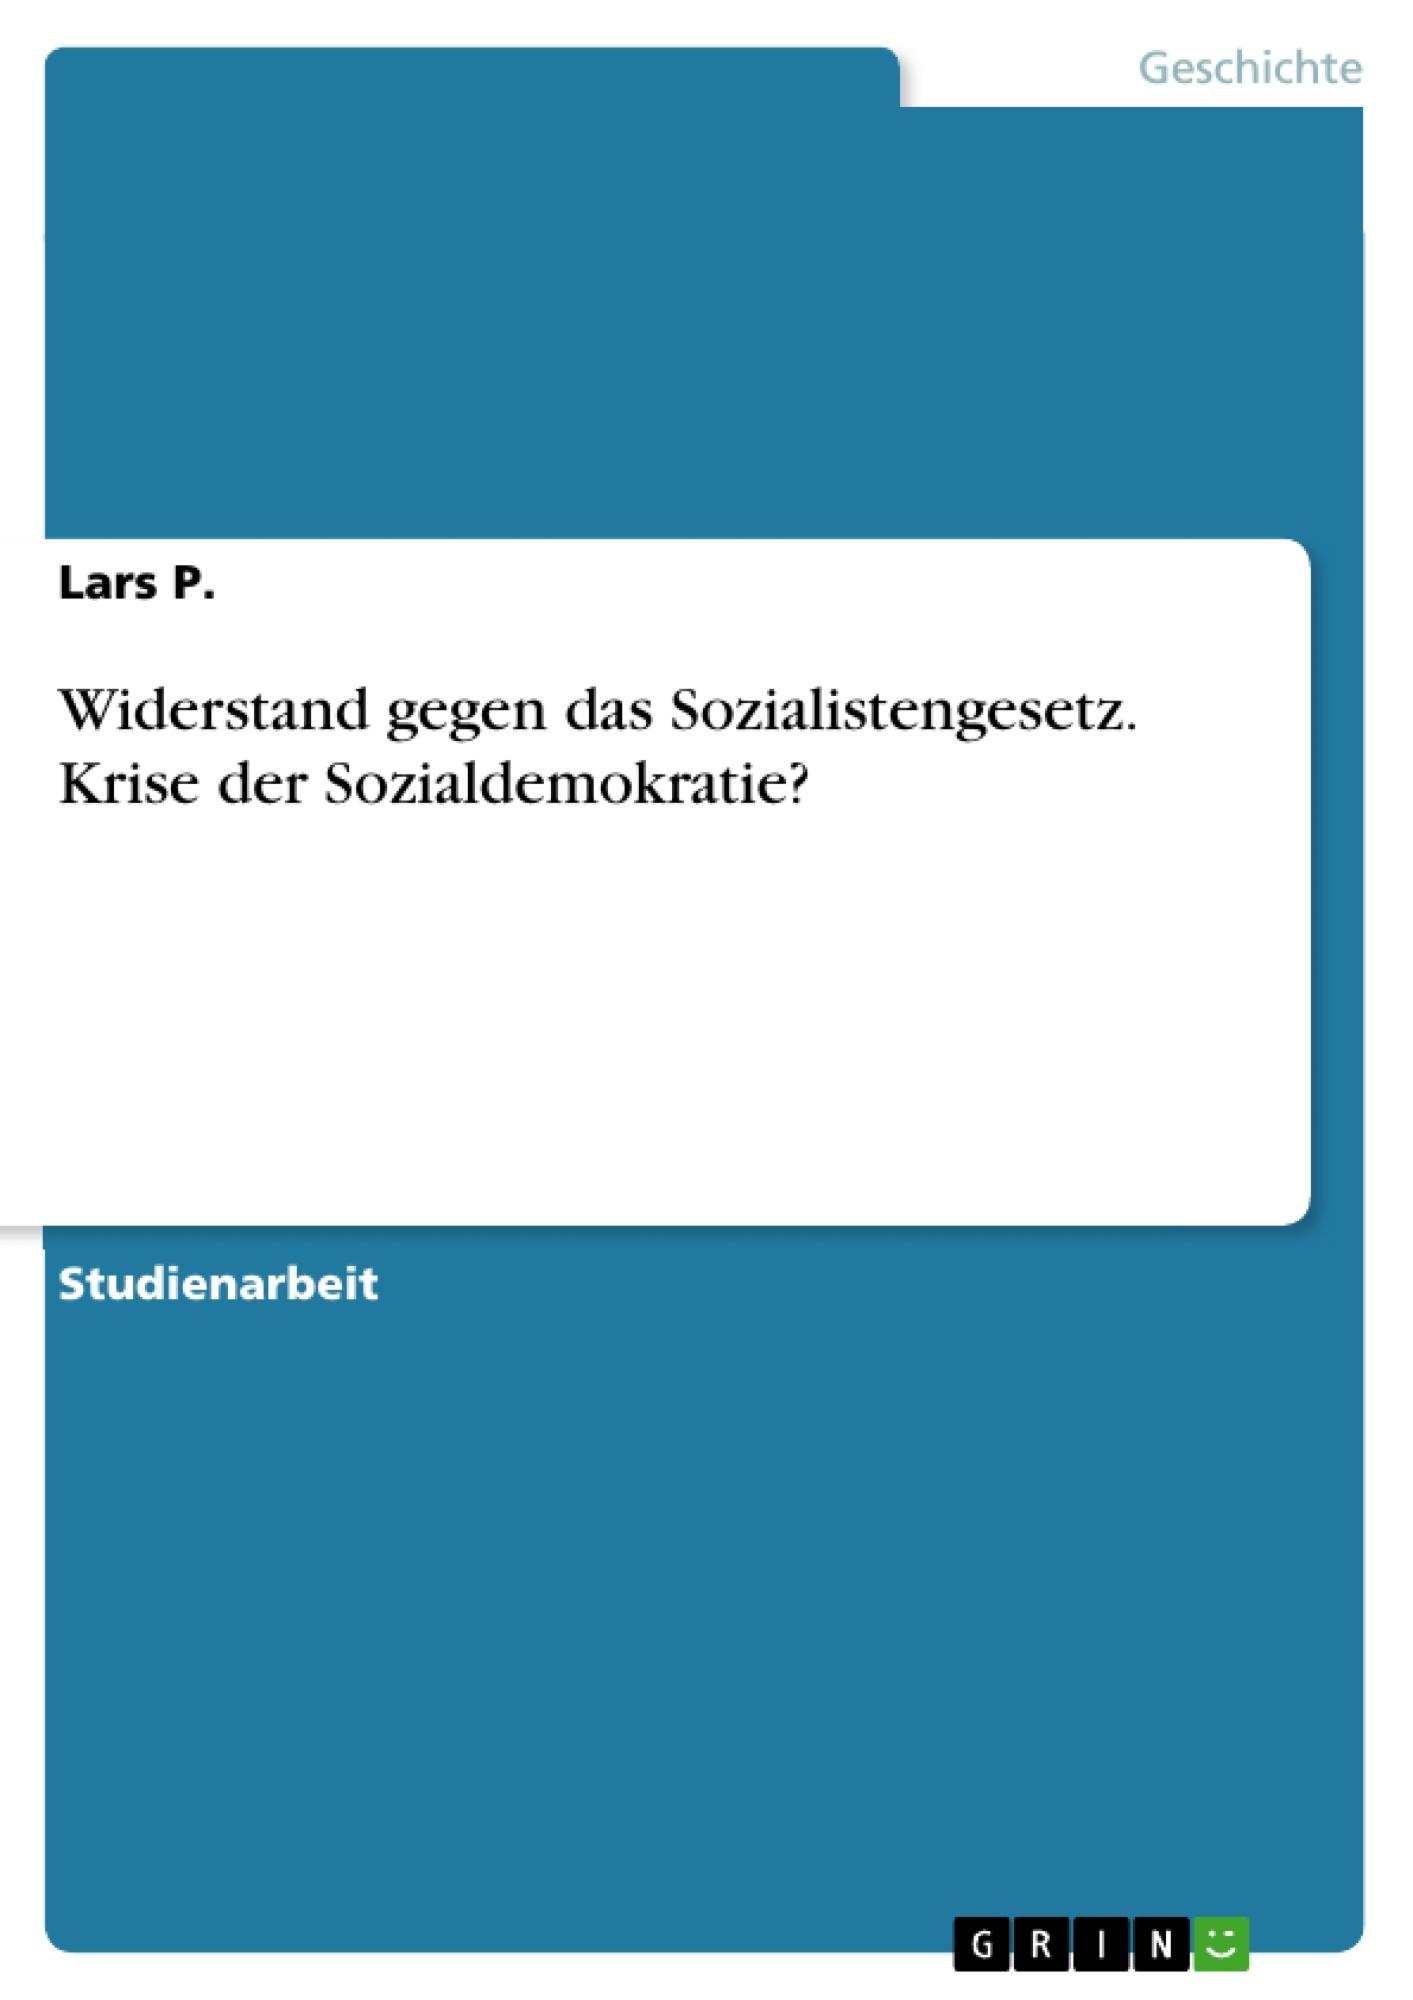 Titel: Widerstand gegen das Sozialistengesetz. Krise der Sozialdemokratie?